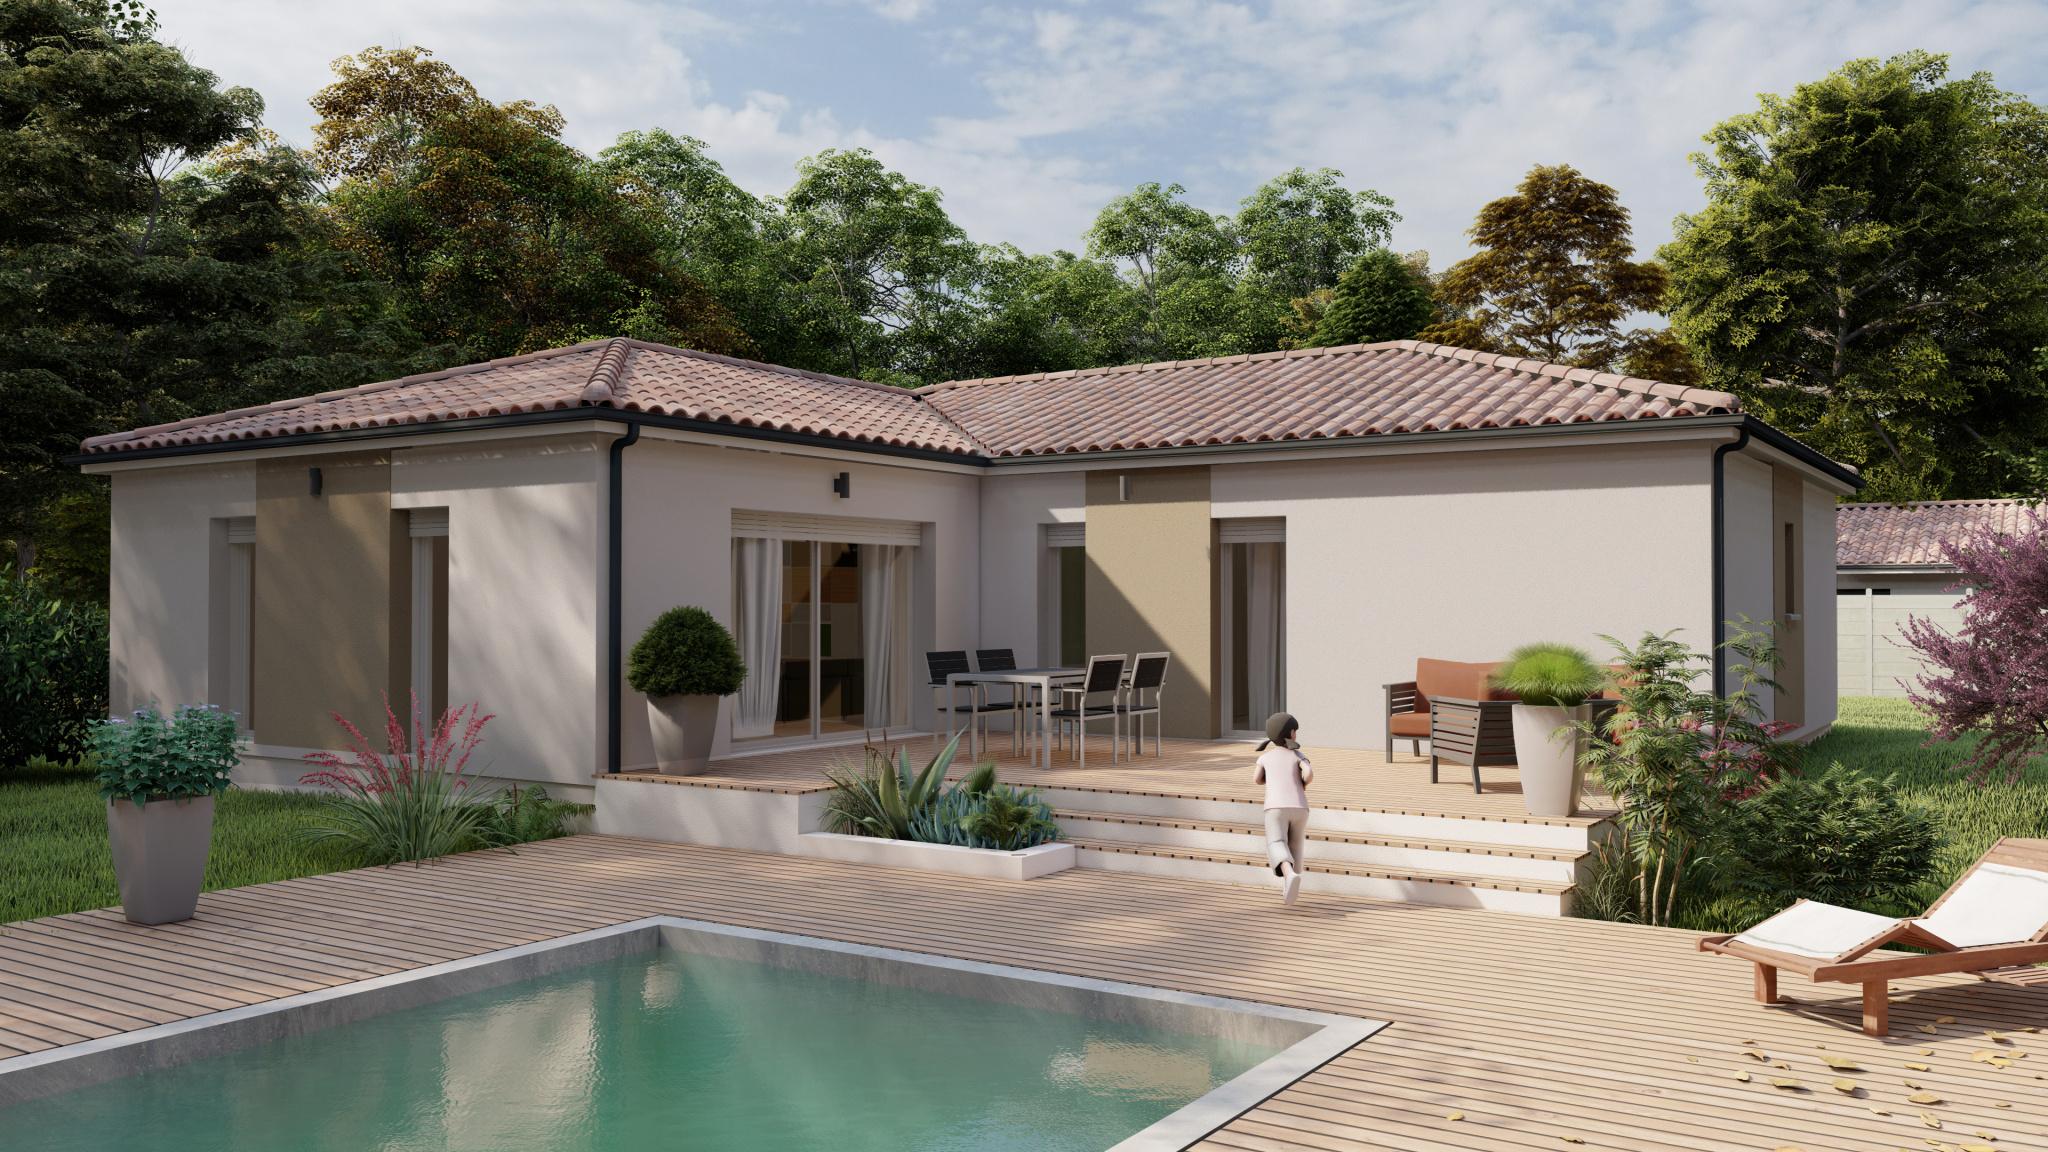 Vente maison à Bajamont (47480) de 112 m2 habitable sur terrain de 1000 m2